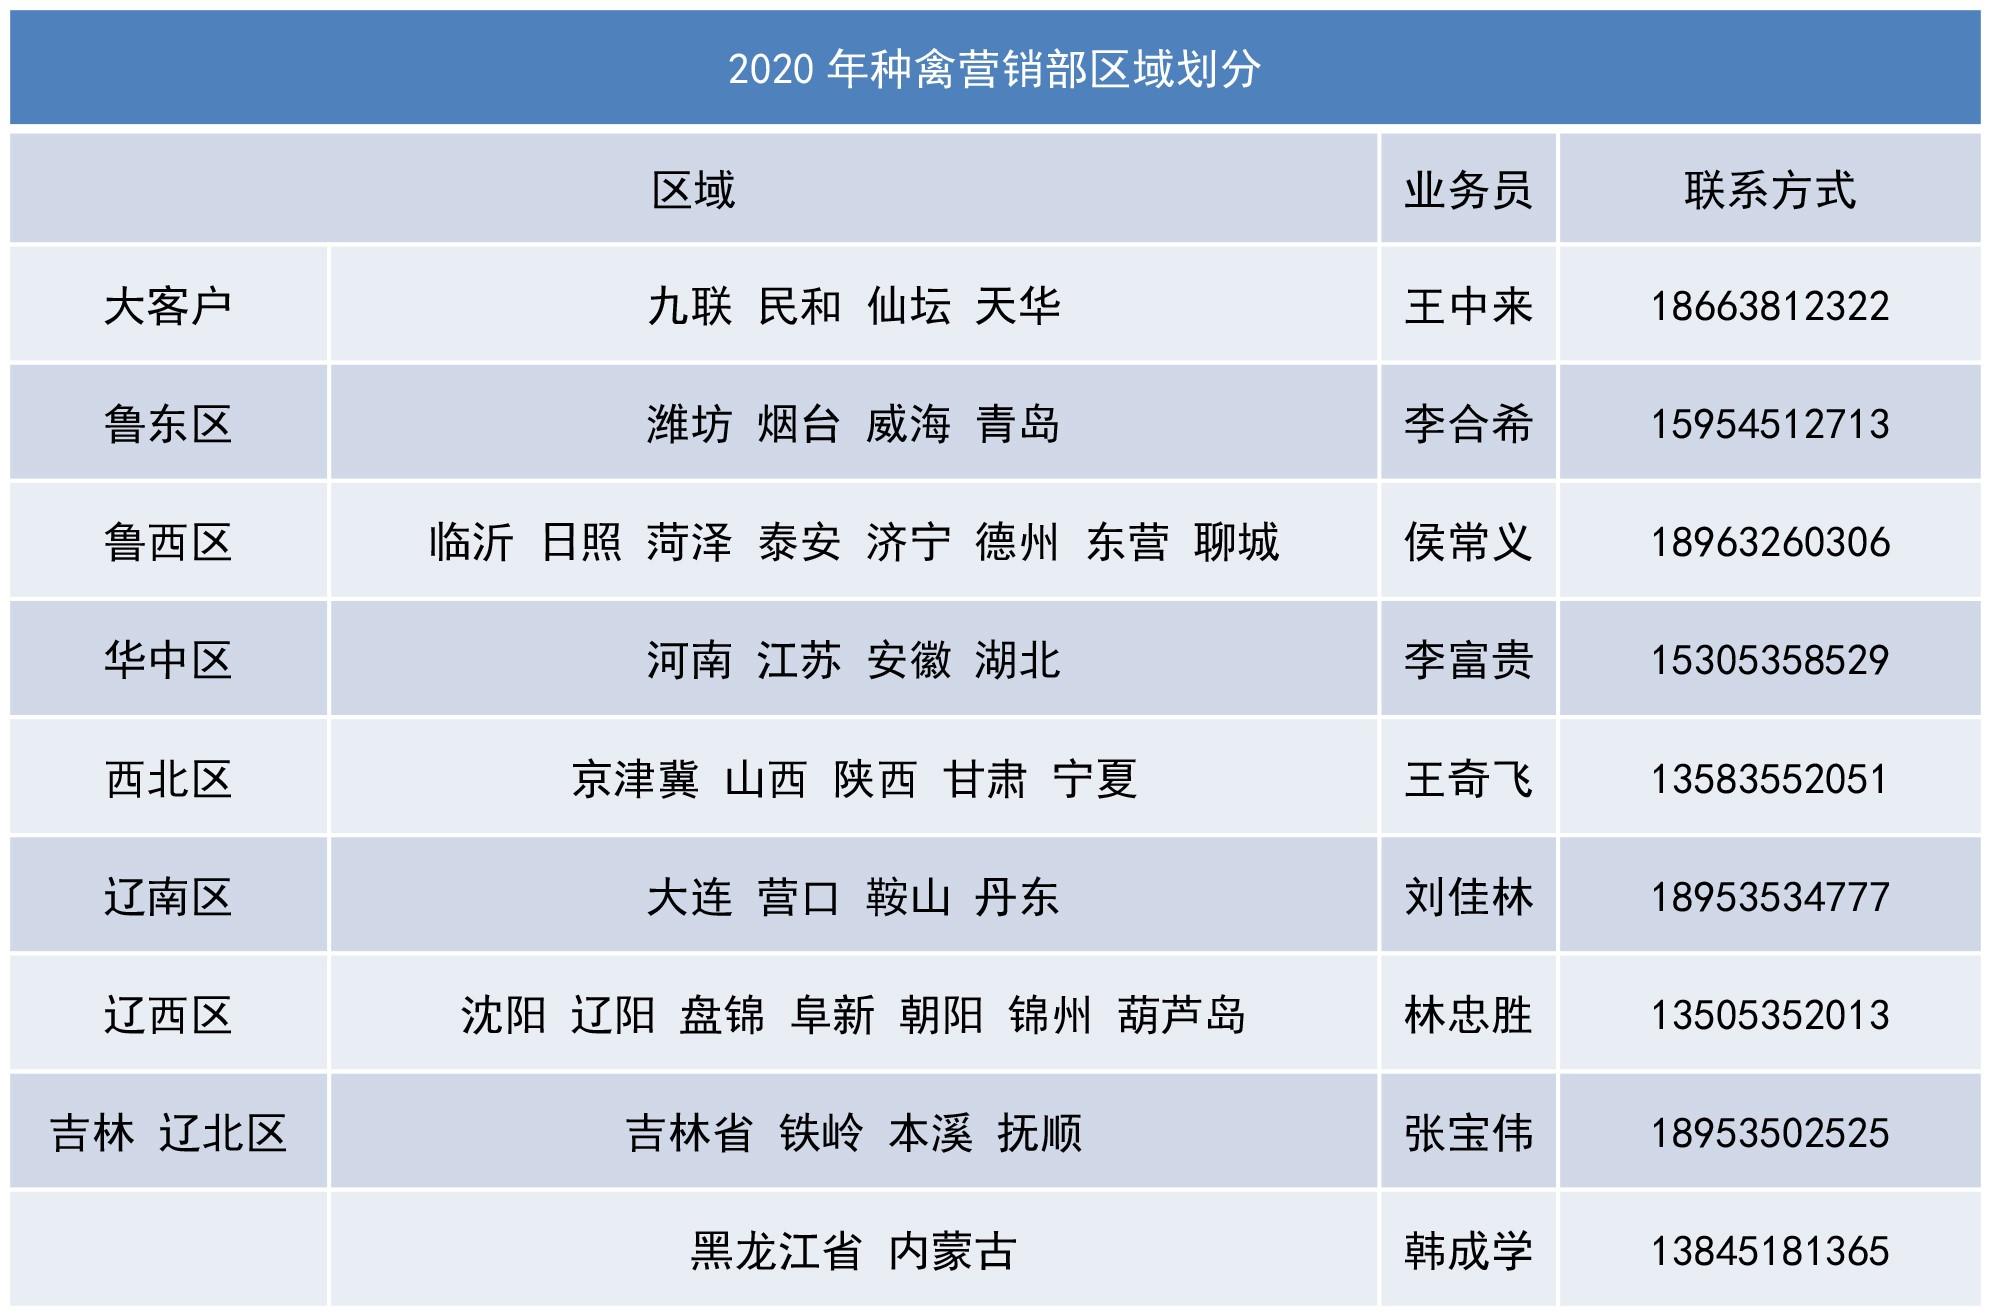 2020年种禽营销部区域划分.jpg